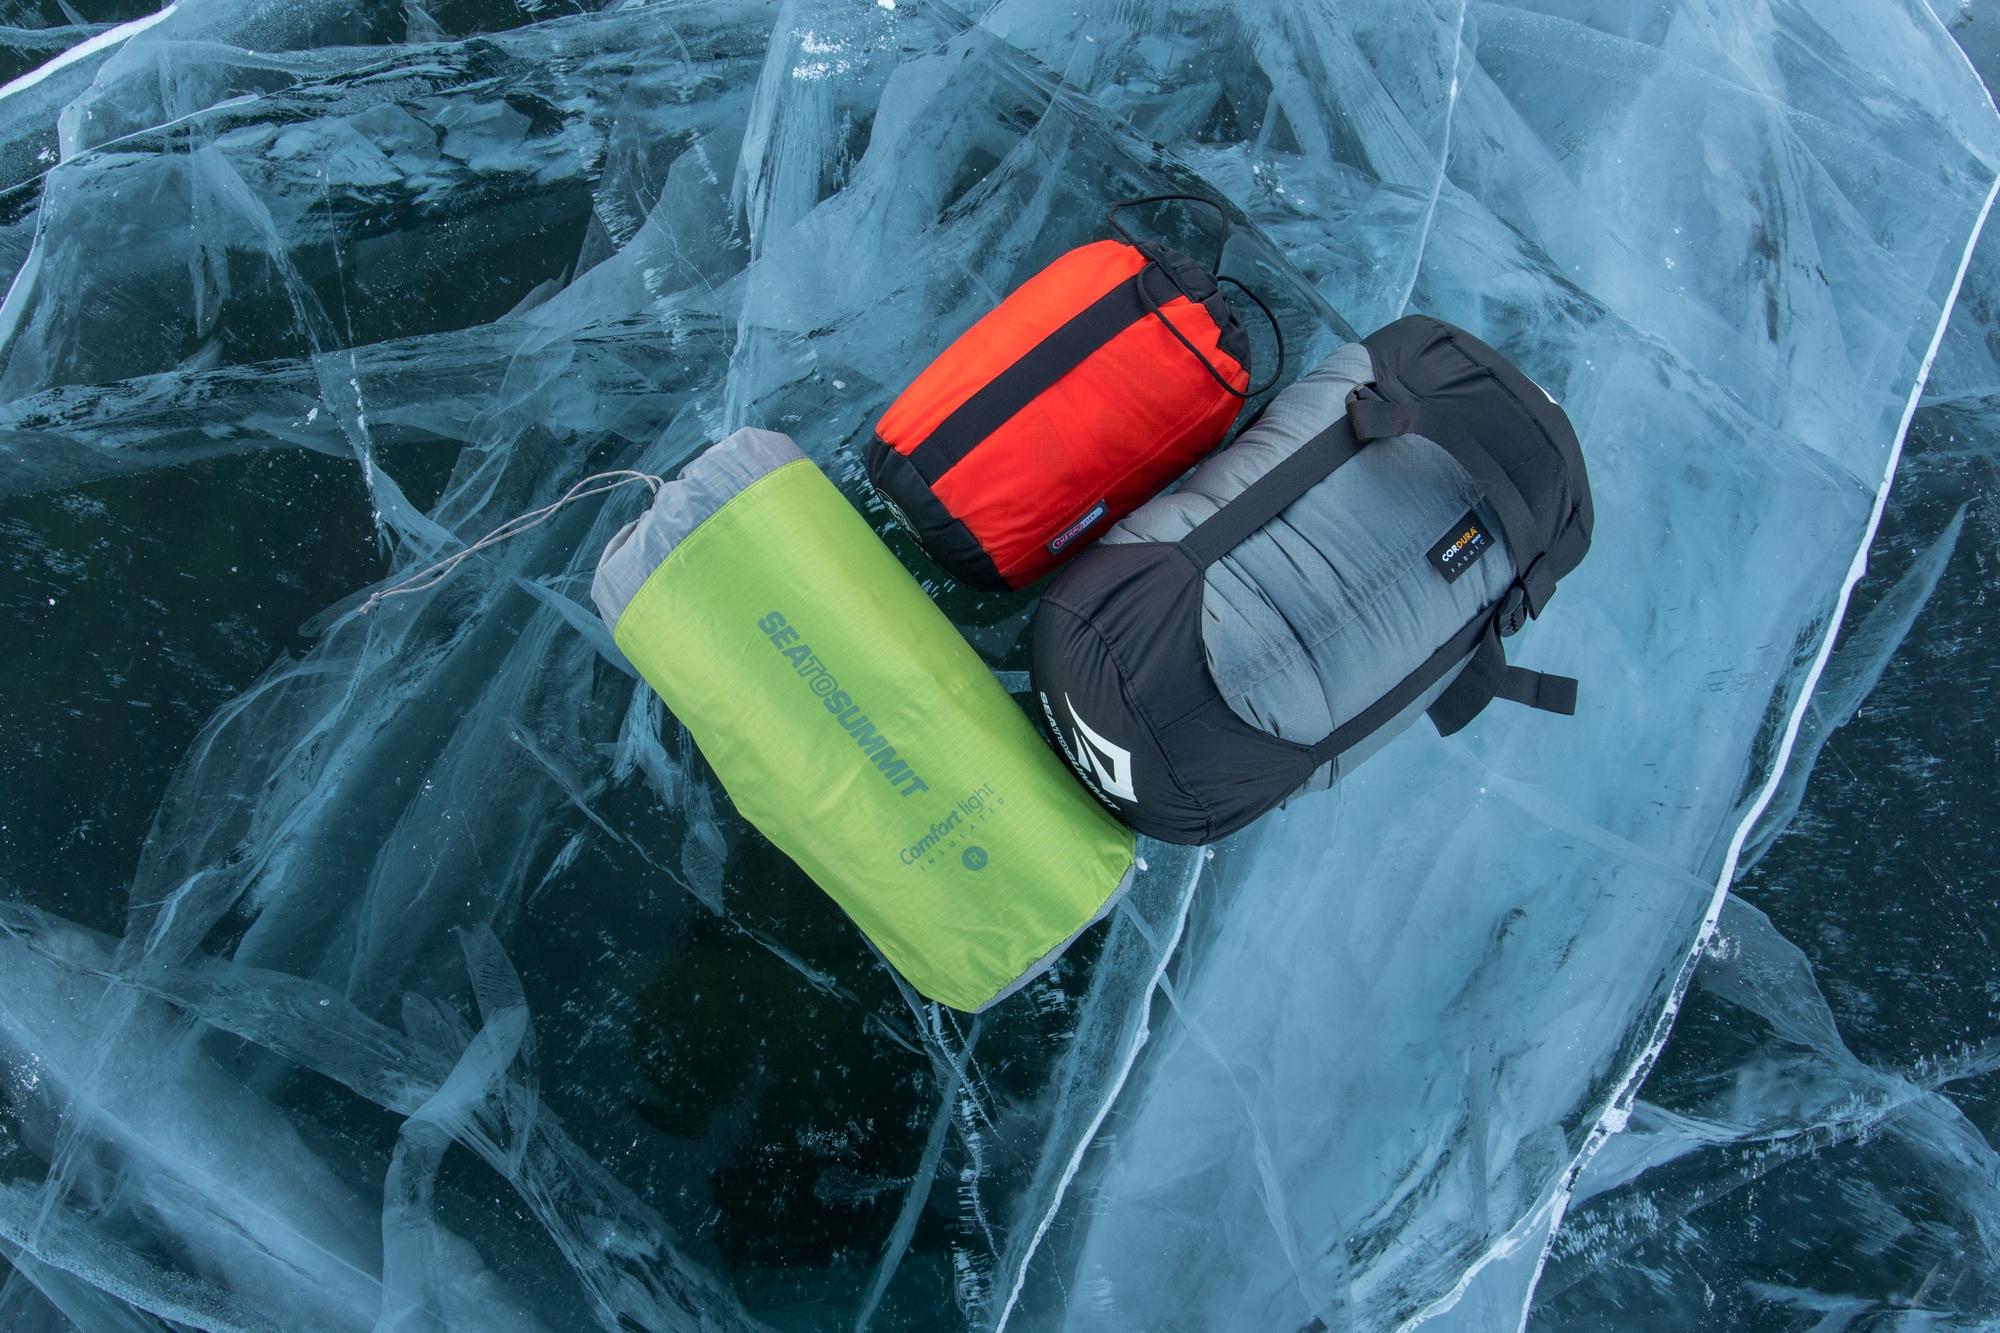 極地旅行,舒適升級:Sea to Summit輕量化保暖睡袋組